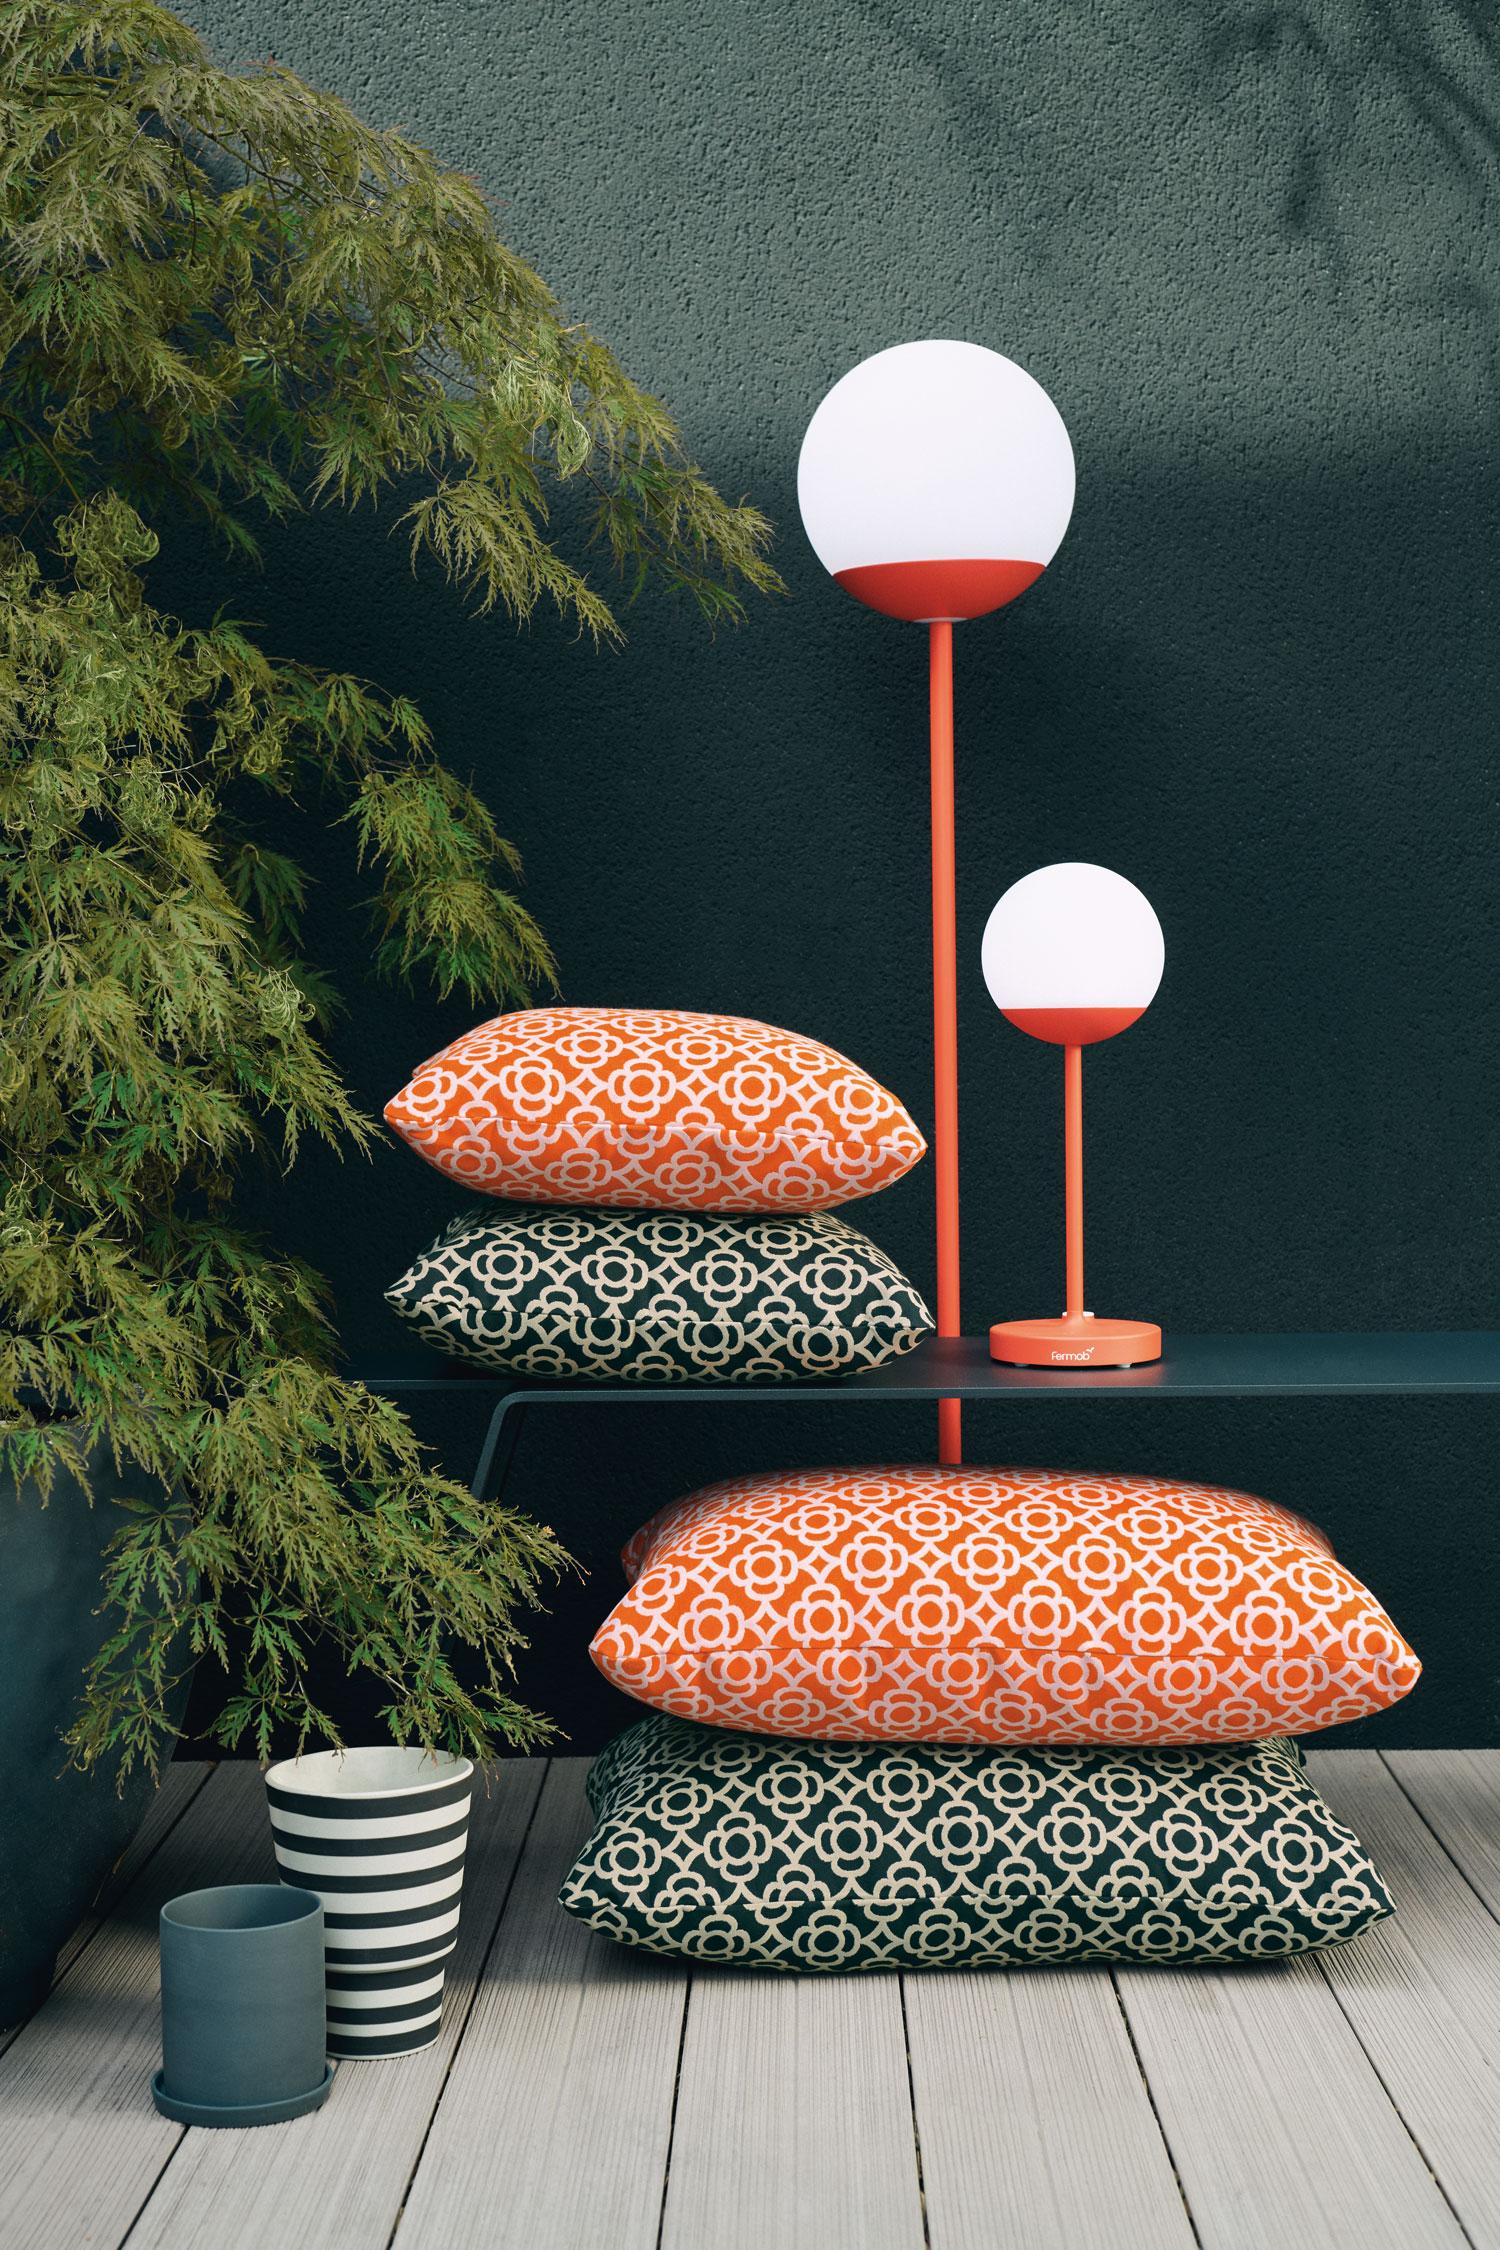 lampe sans fil, lampe nomade, lampe bluetooth, coussin d exterieur, coussin de jardin